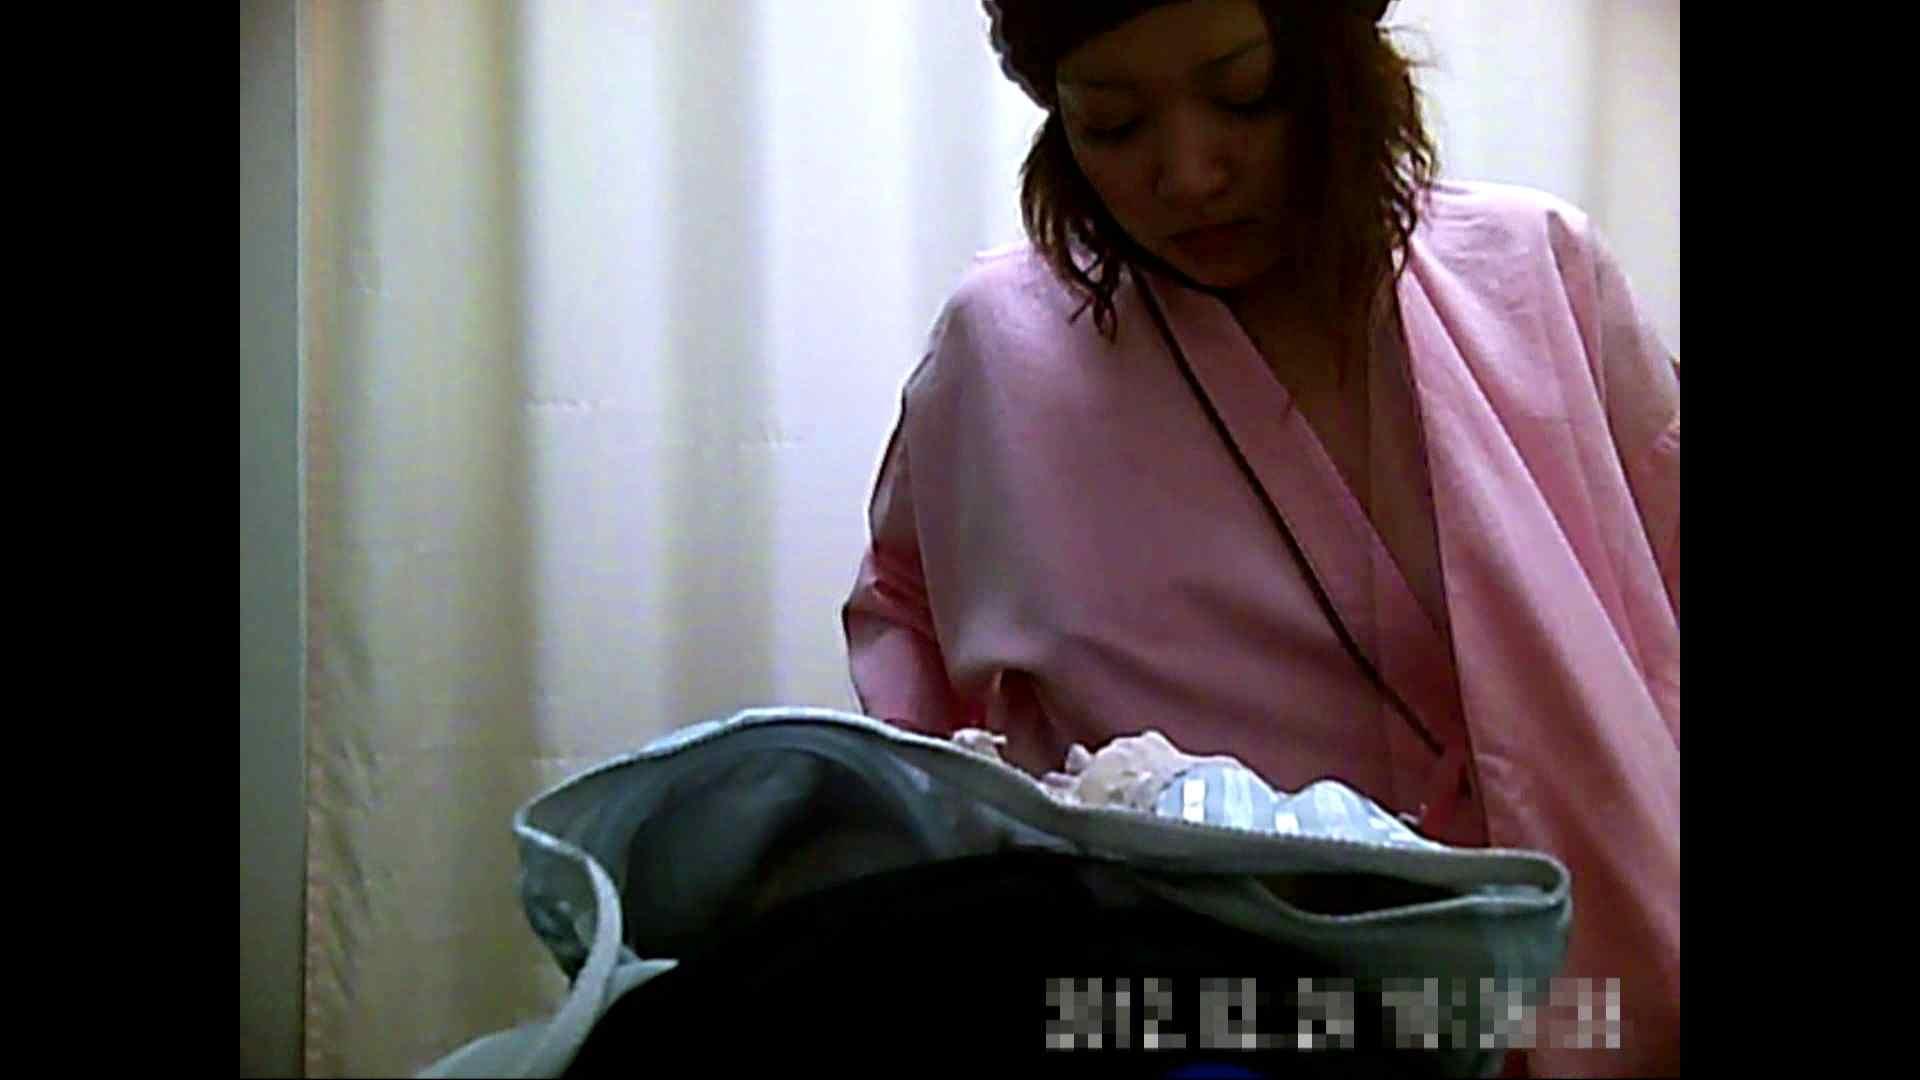 病院おもいっきり着替え! vol.262 貧乳編 AV無料動画キャプチャ 98画像 79